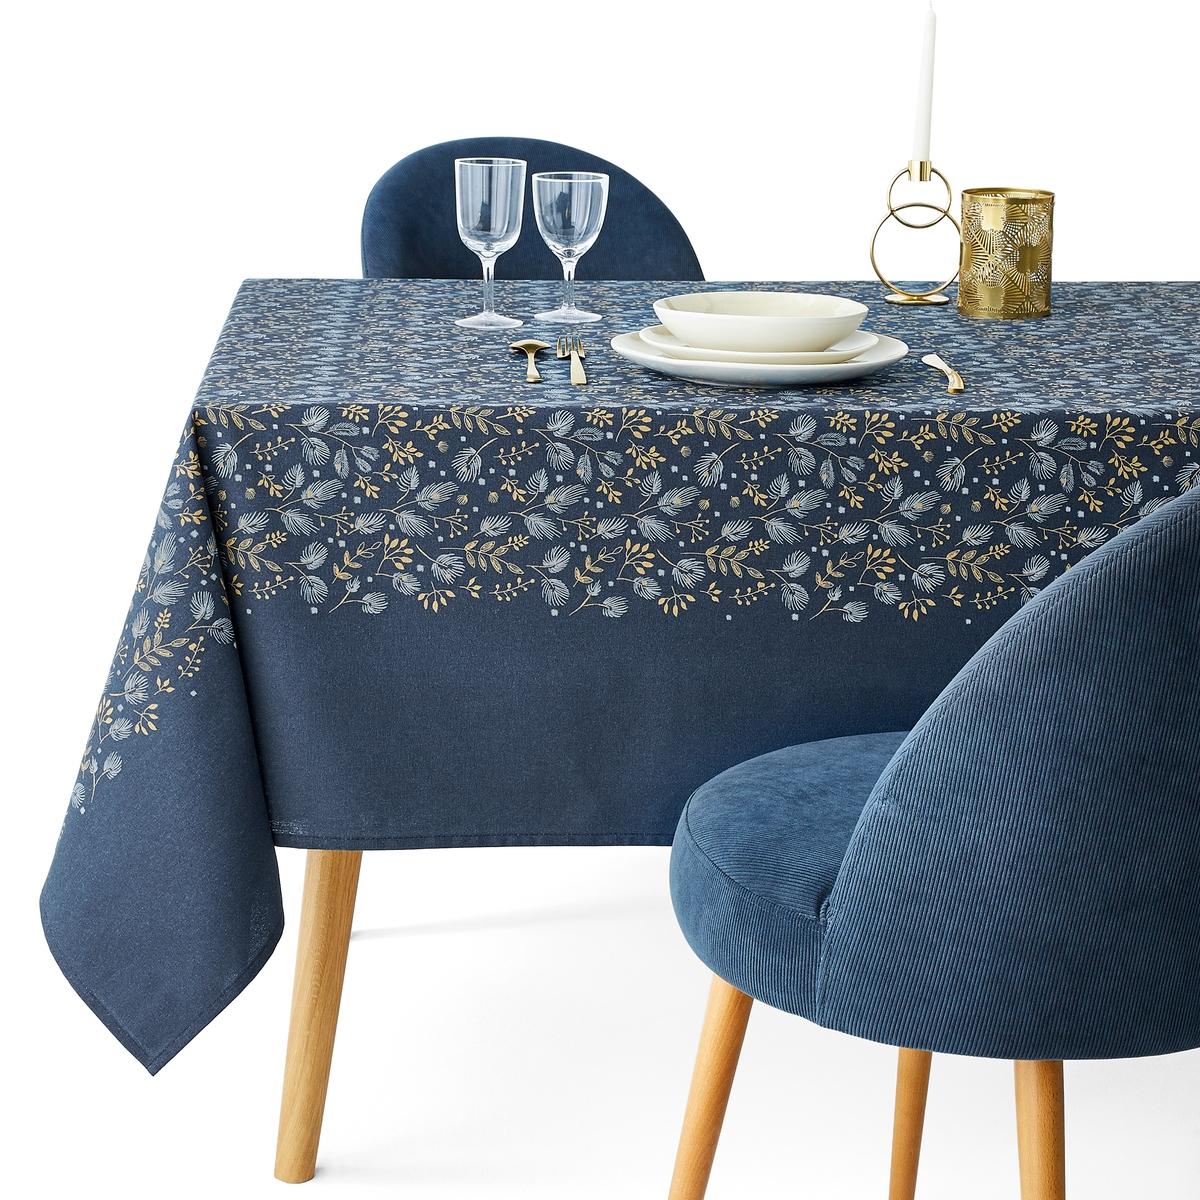 купить Скатерть,Miyazu La Redoute La Redoute 150 x 250 см синий по цене 4199 рублей